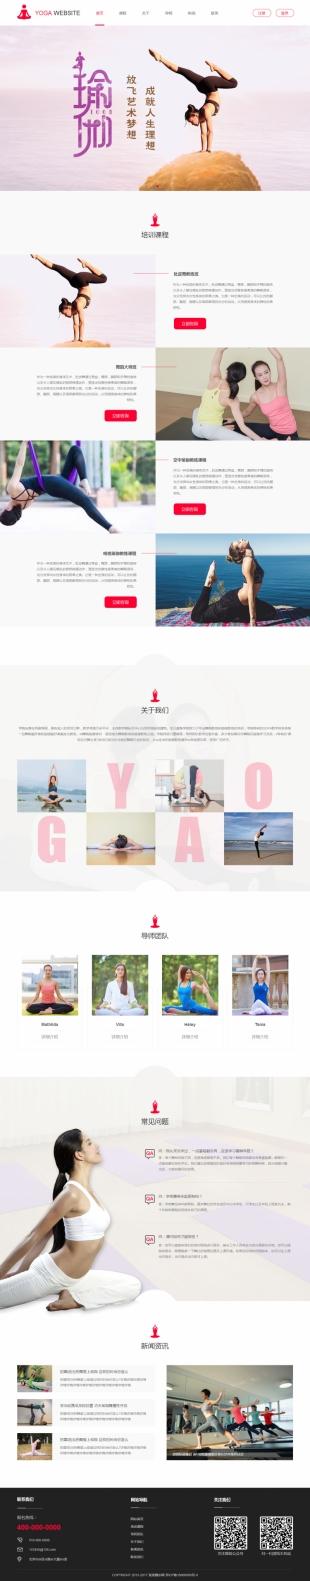 瑜伽健身类网站通用模板电脑图片